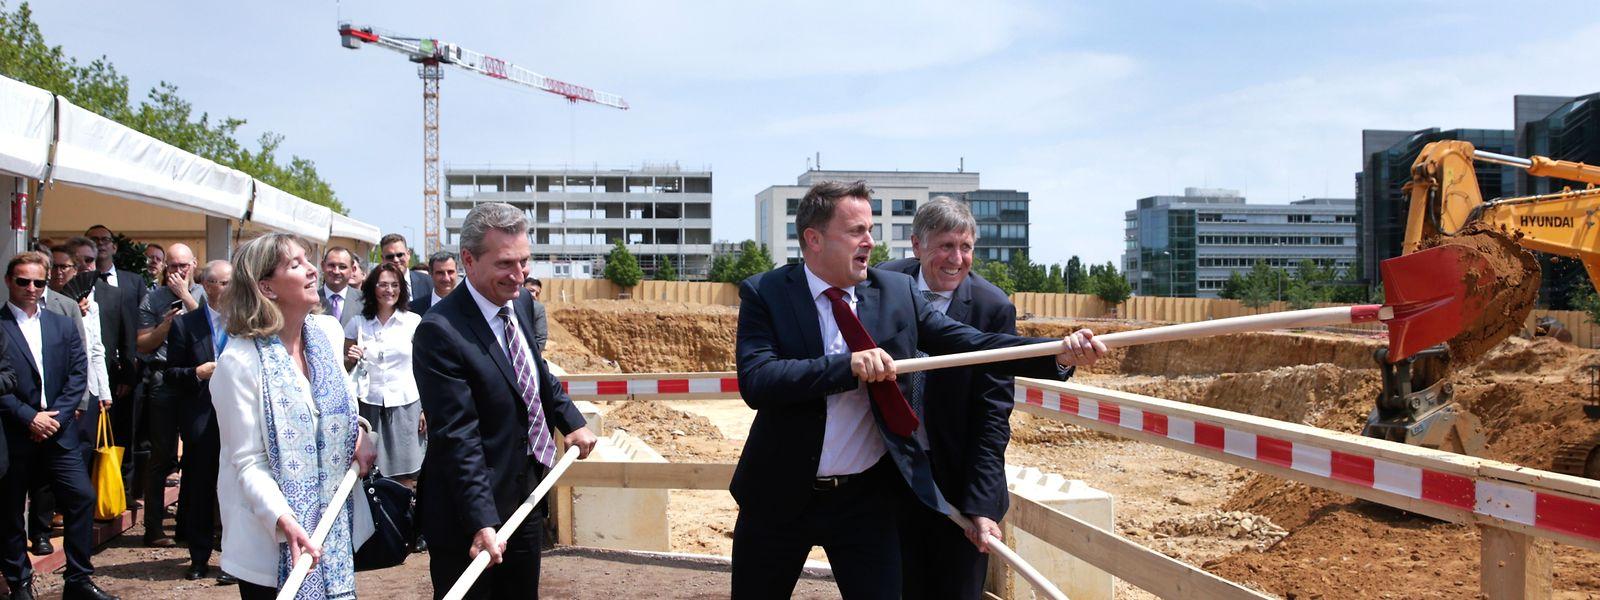 Premierminister Xavier Bettel macht den ersten Spatenstich für das Bâtiment Jean Monnet 2: Bis Oktober 2024 soll das vollständige Gebäude samt Turm stehen.